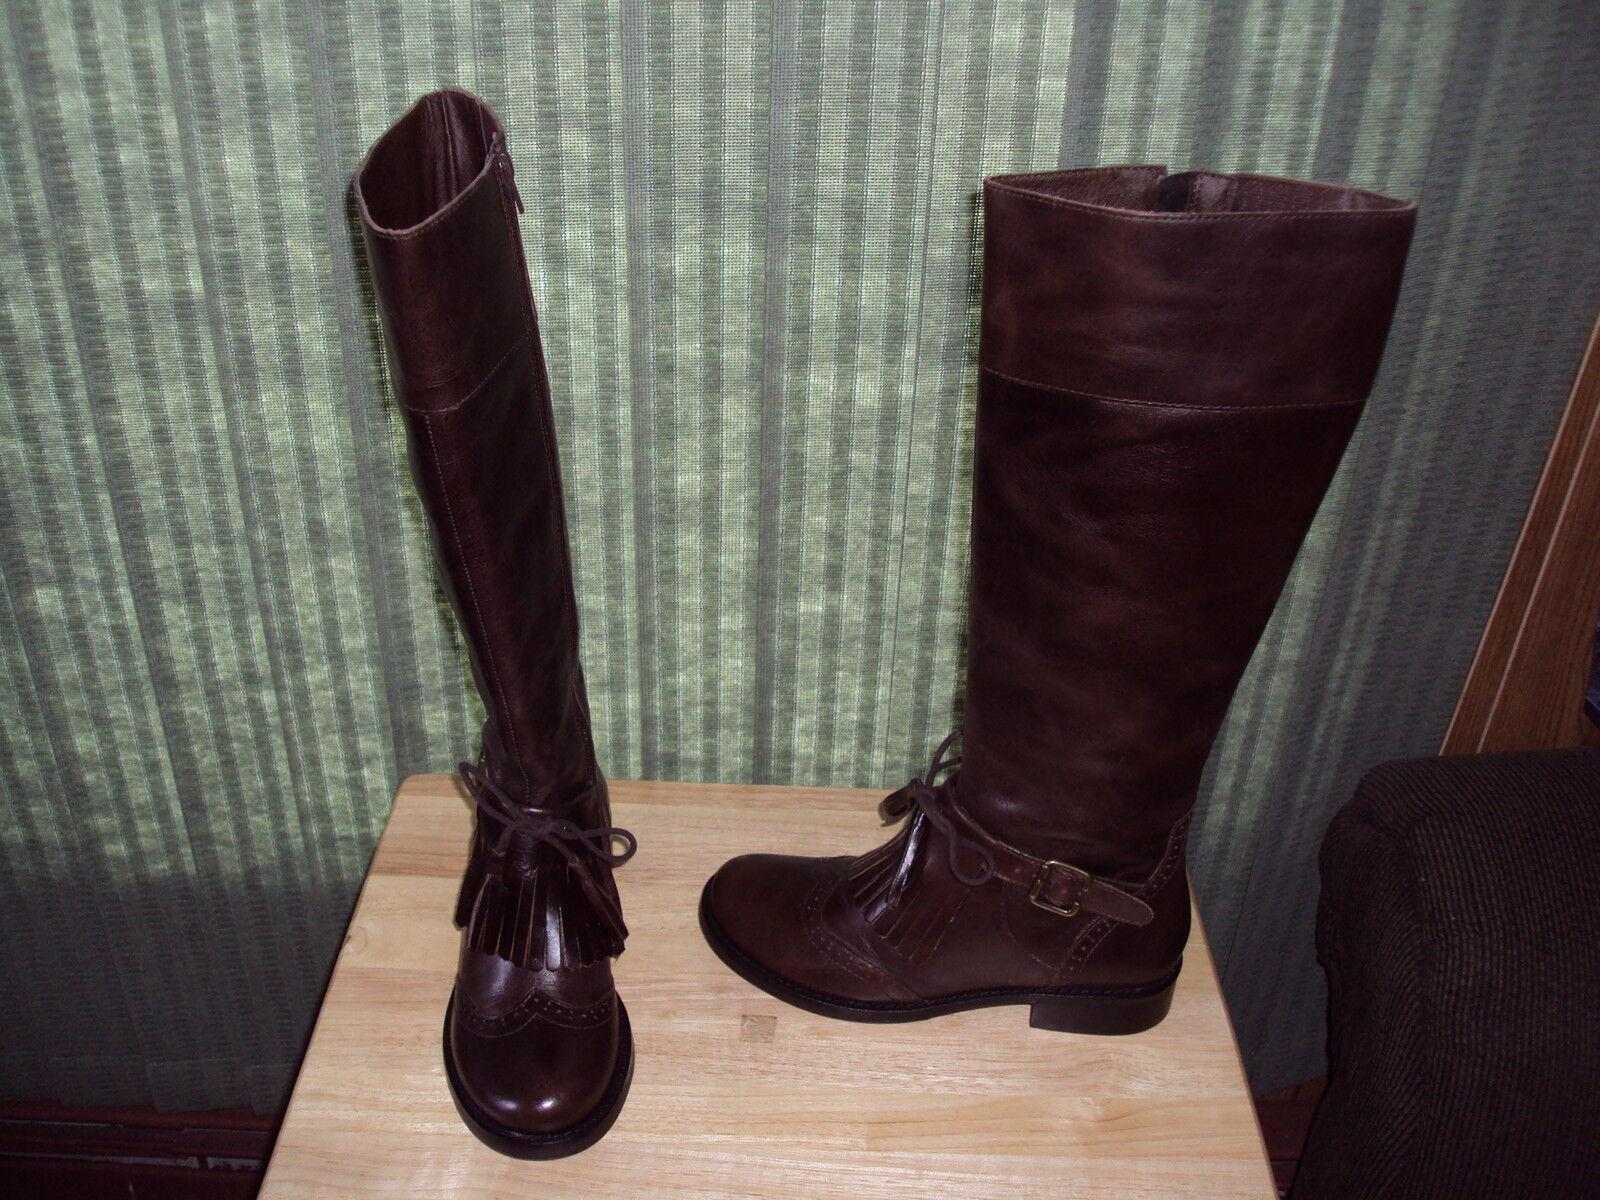 Montar cuero-up by e-Cobb botas. Talla M 6 1 2. - Nuevo